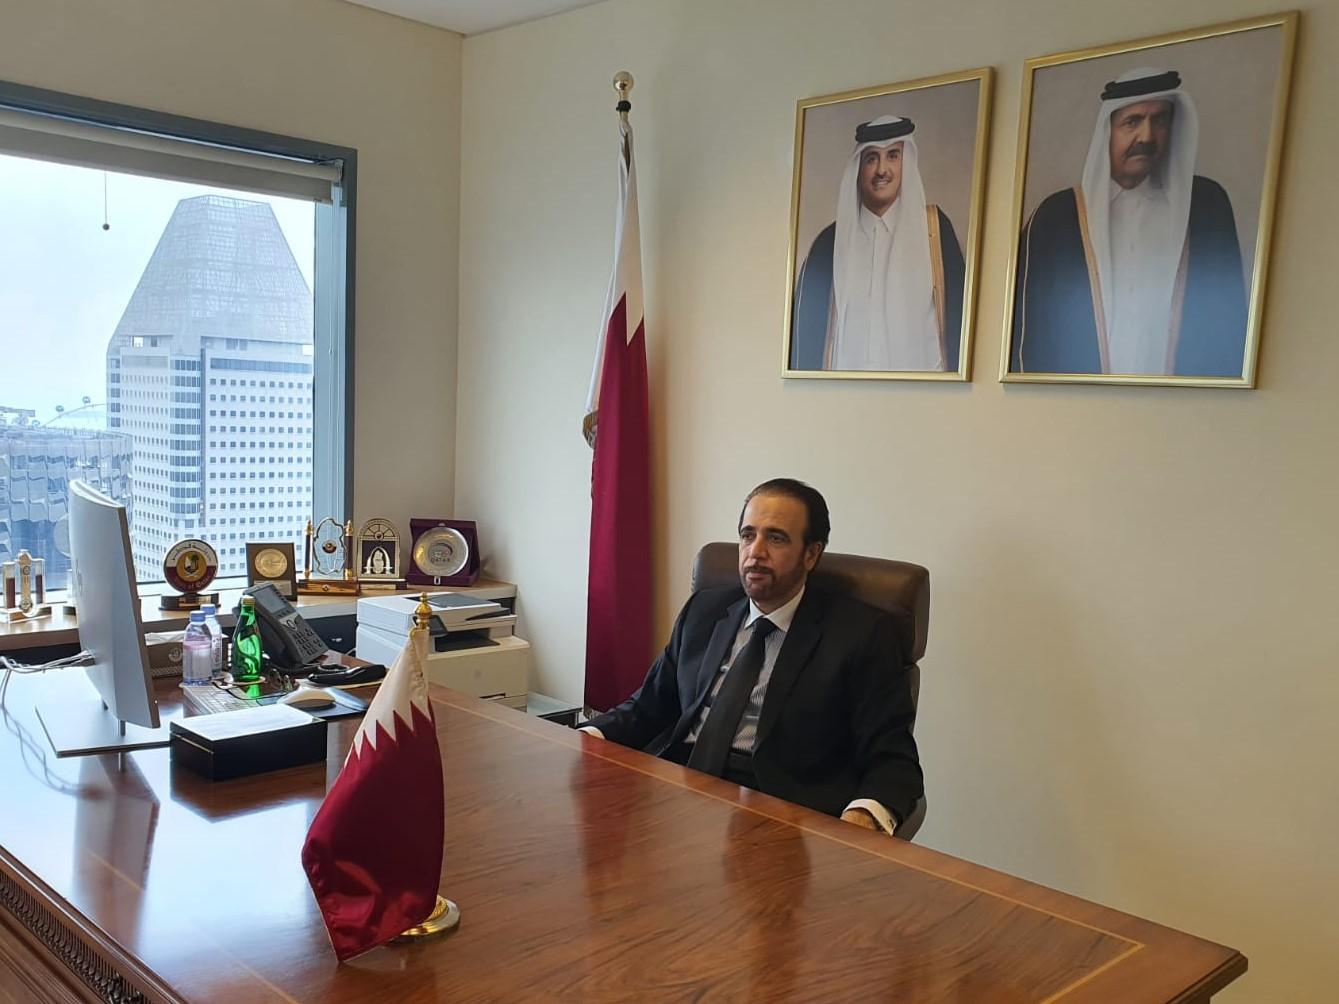 سفير قطر لدى سنغافورة يشارك في أسبوع الطاقة الدولي